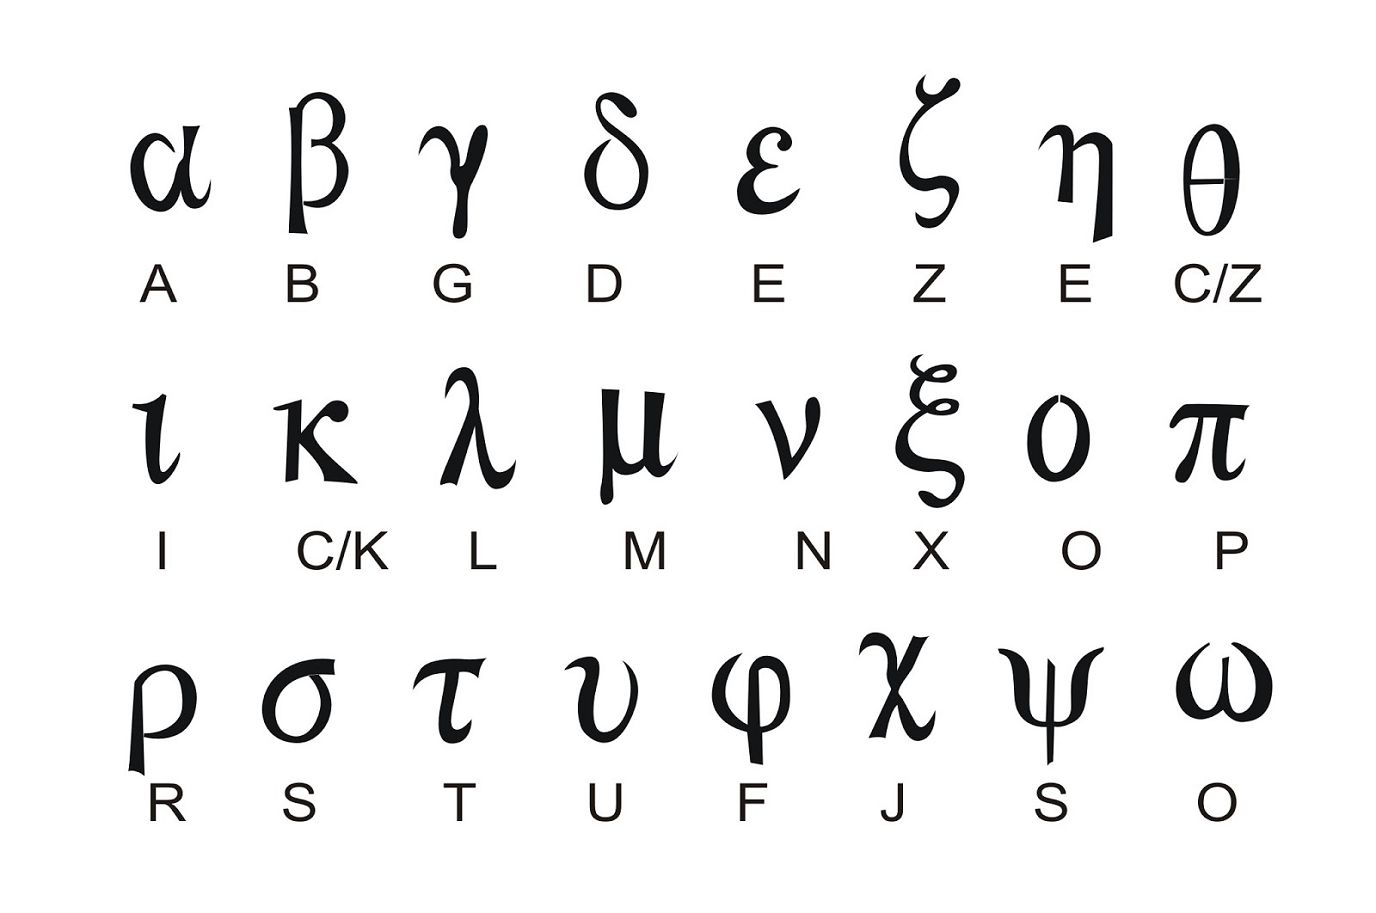 De En Nombres Teclado Simbolos